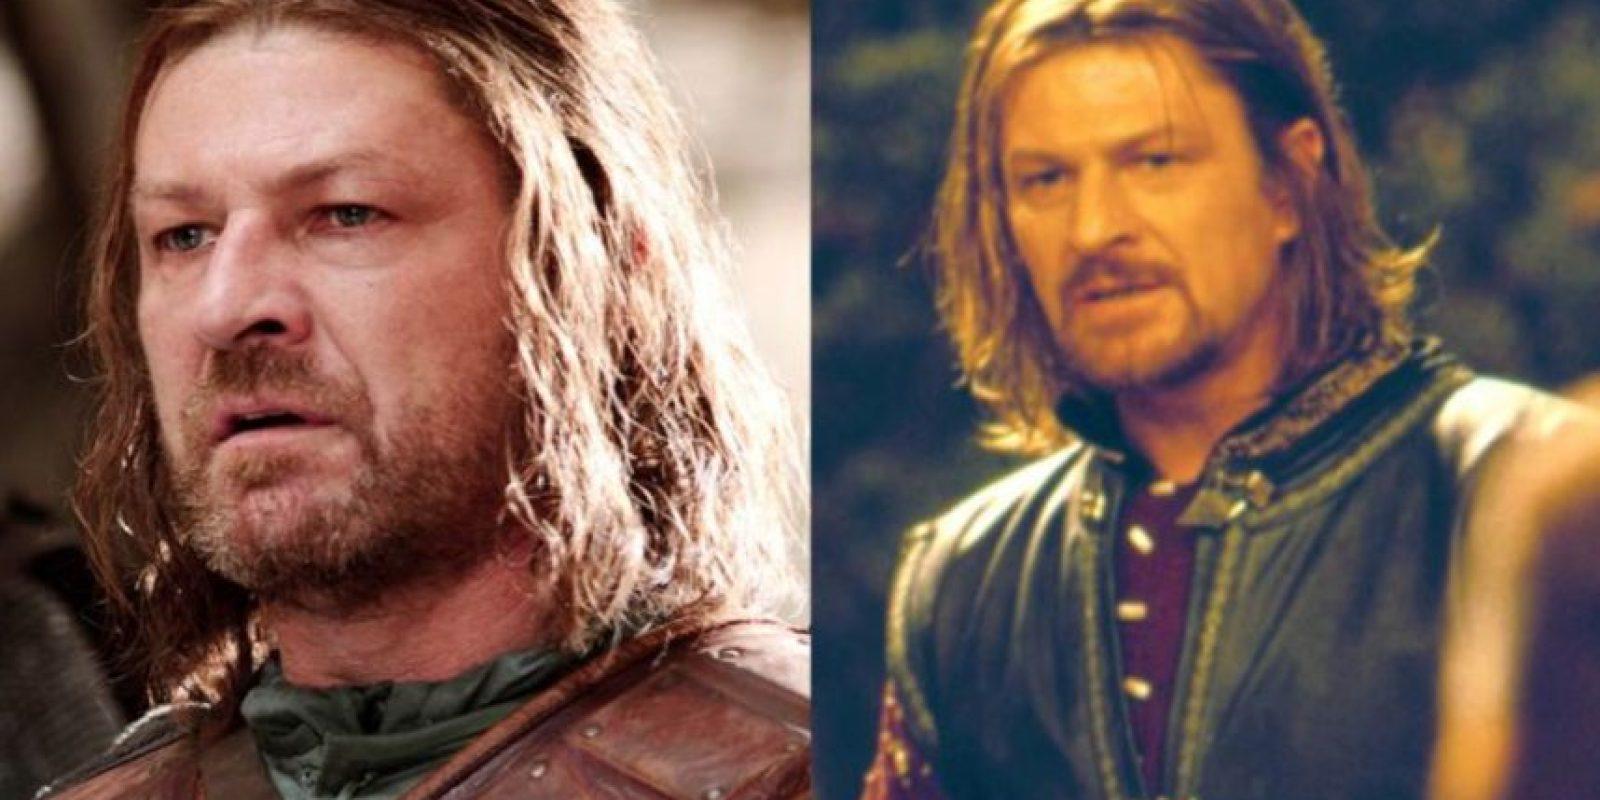 """Sean Bean, con su personaje de """"Ned Stark"""", ha muerto 25 veces en el cine. Acá, como Boromir en """"El Señor de los Anillos"""". Que también murió, claro. Foto:HBO/New Line Cinema"""